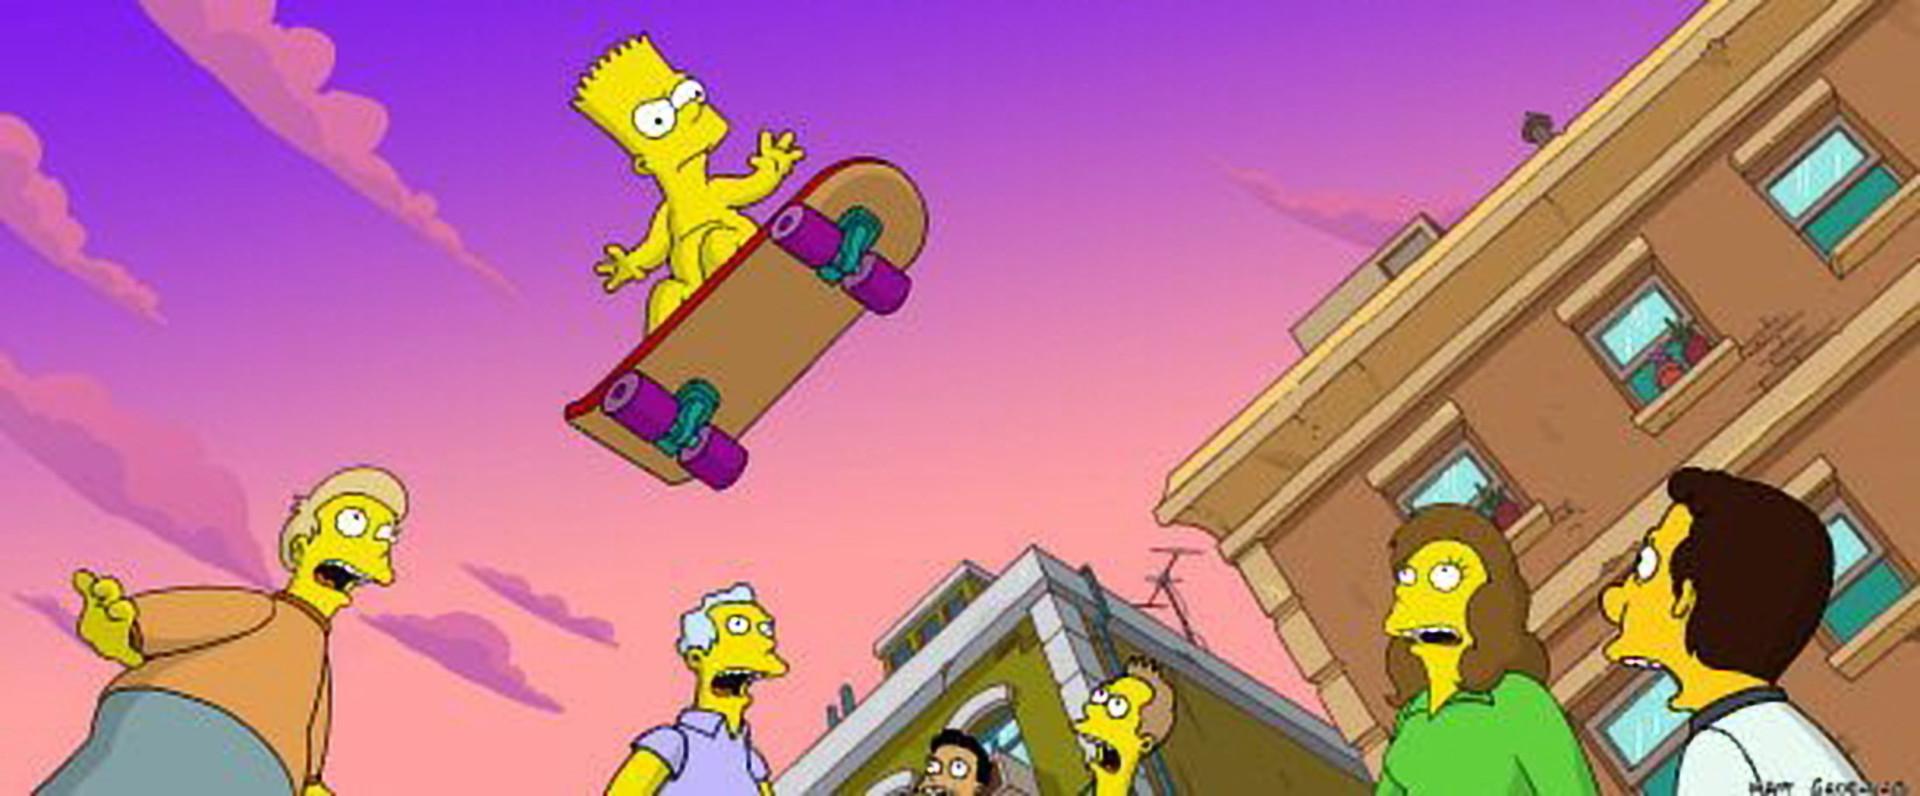 Os Simpsons: relembre as maiores polêmicas geradas pela série